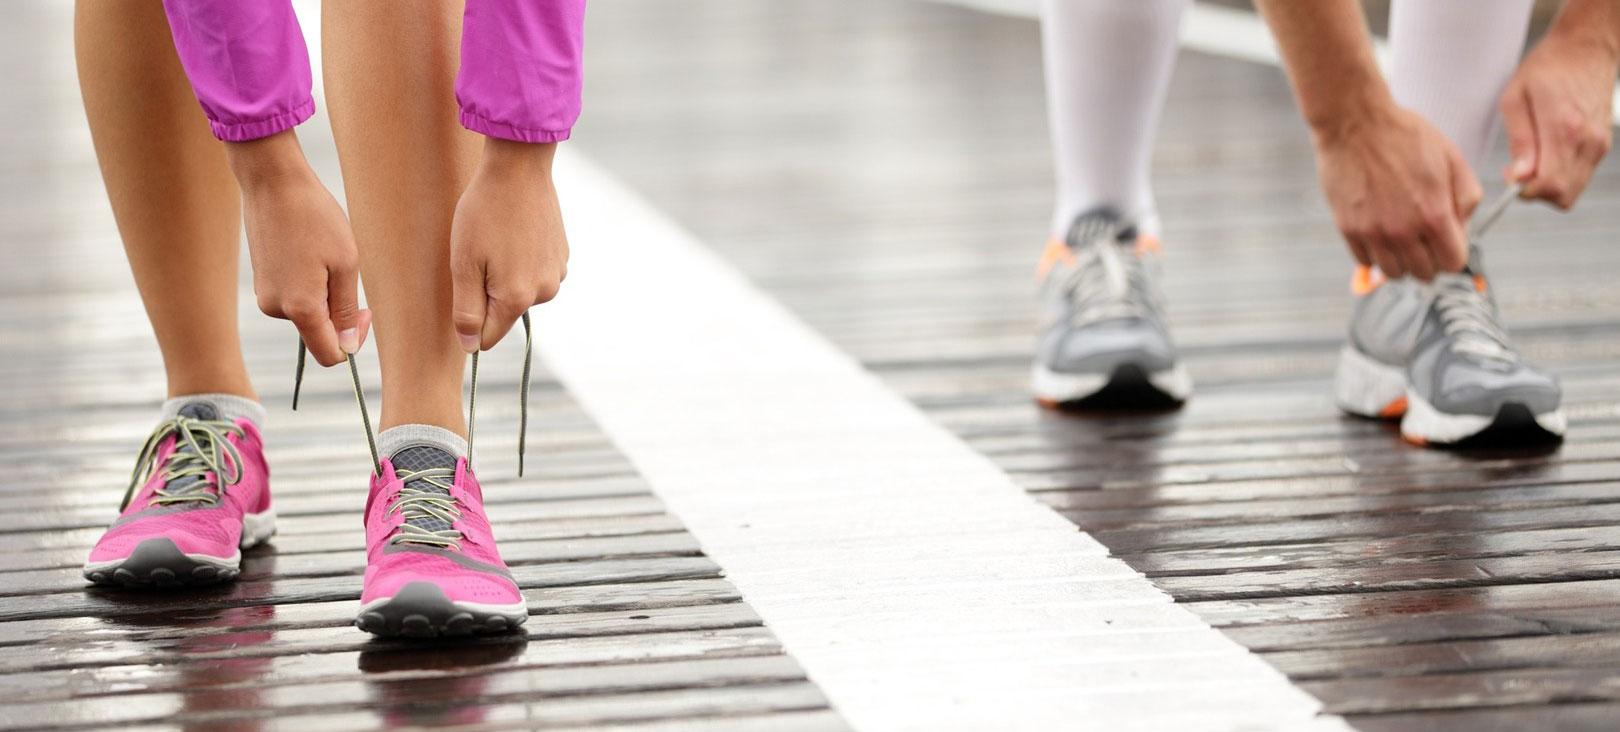 96ac4a281cdf6 La forma della scarpa. La differenza principale tra le scarpe da running per  uomo e per donna ...